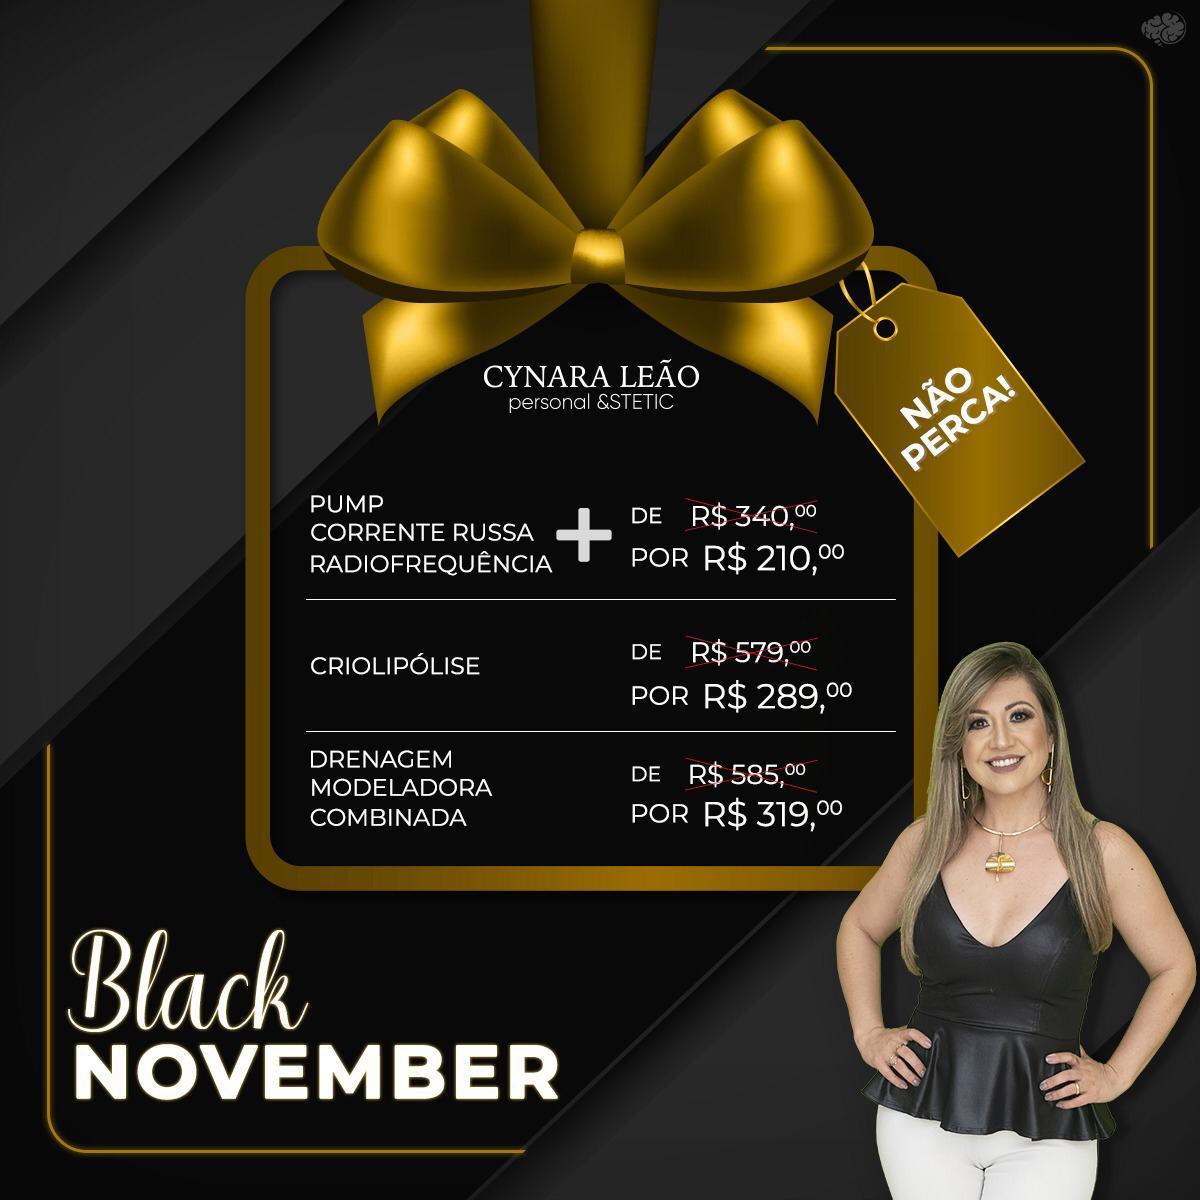 Cynara Leão anuncia primeira promoção da Black November oferecendo até 50% de desconto em vários tratamentos estéticos